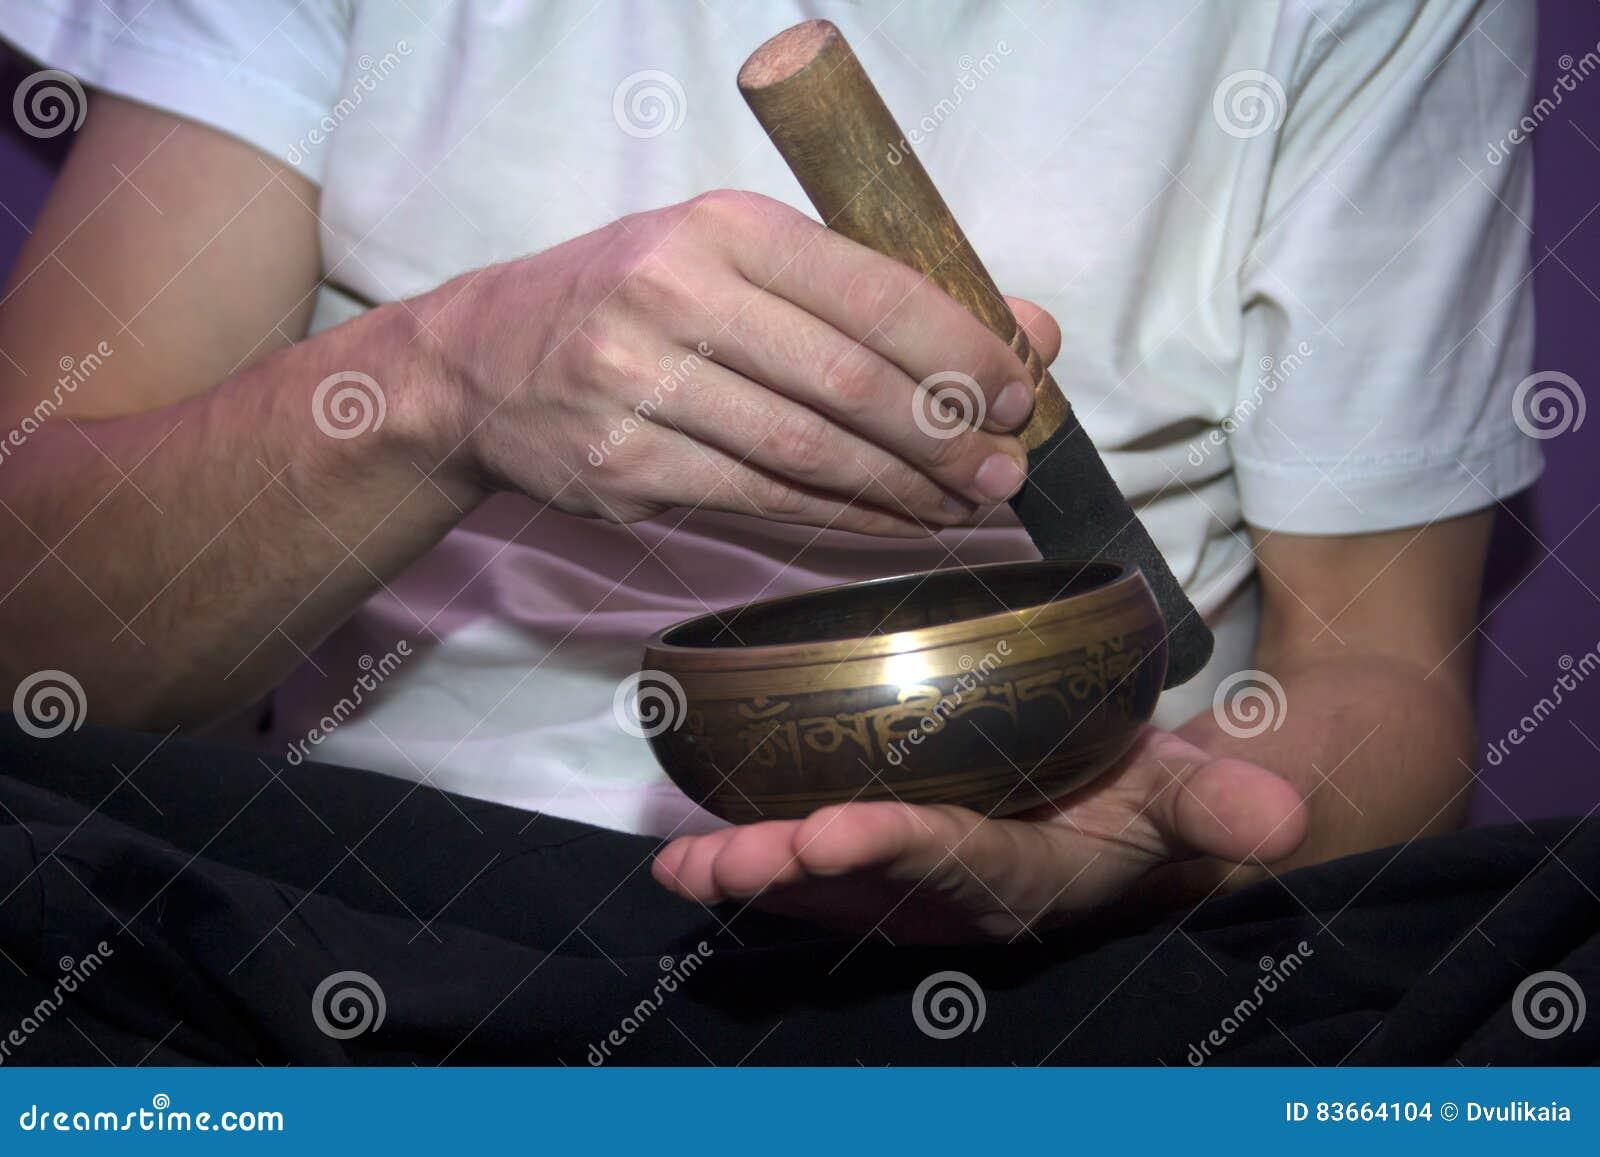 Man playing on a singing bowl